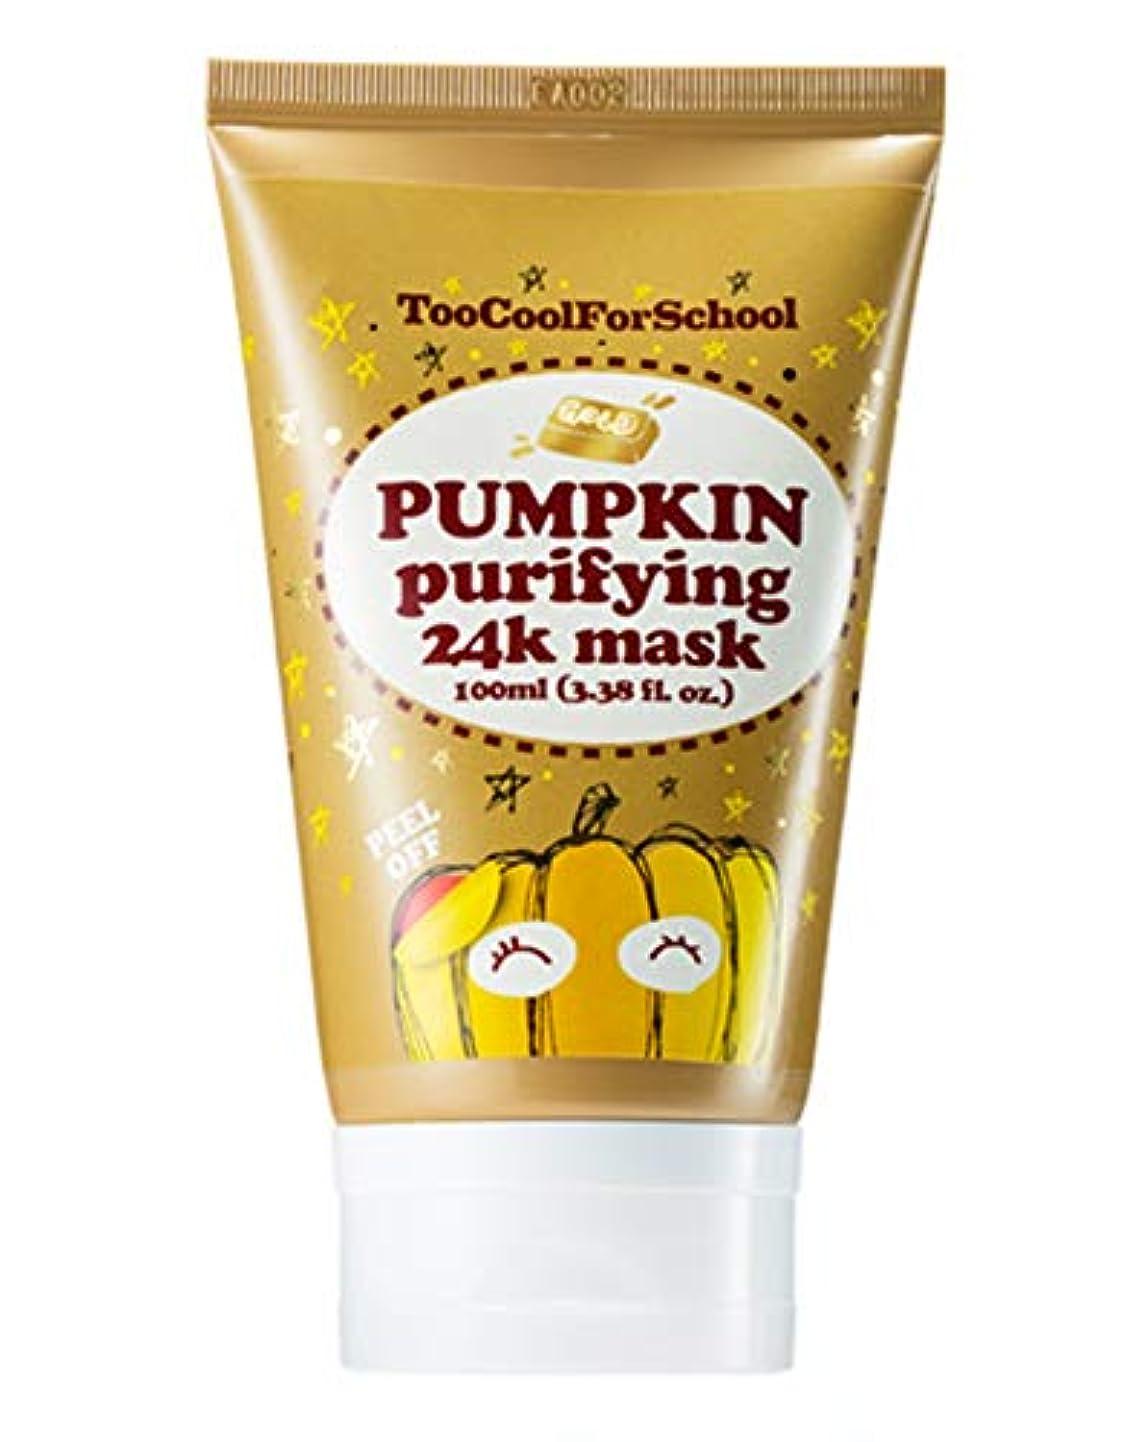 で出来ている確立監査Too Cool for School トゥークールフォ―スクール Pumpkin Purifying 24K Mask 100 ml